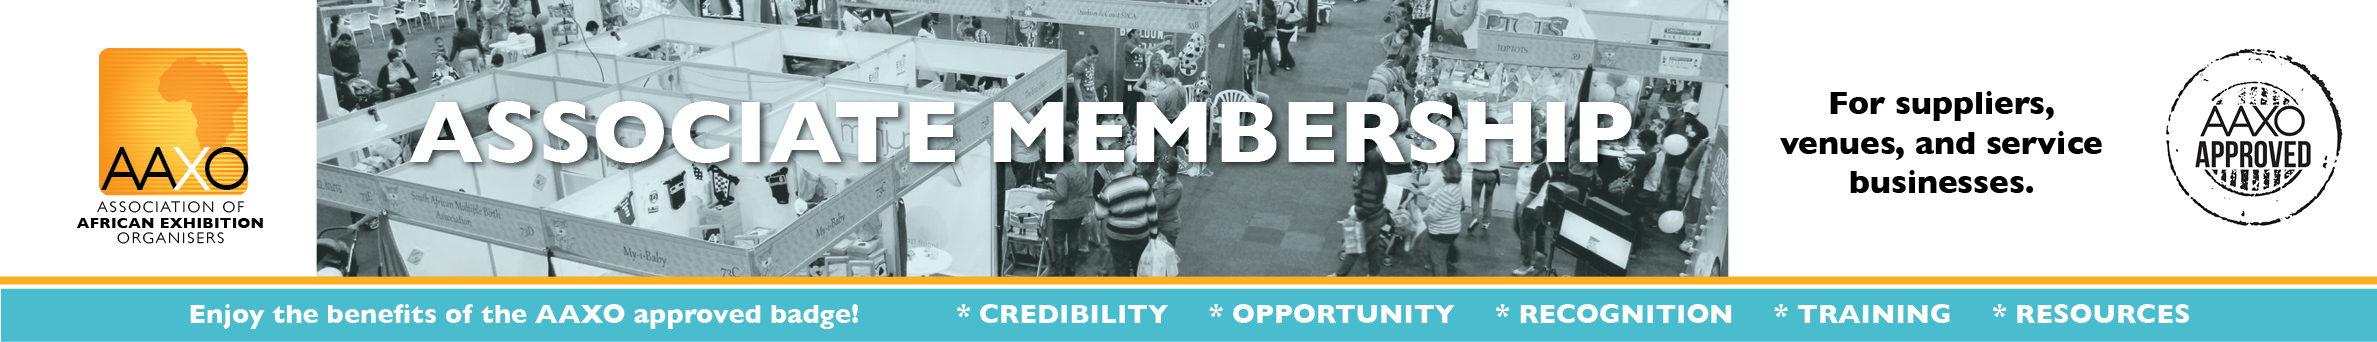 AAXO Associate membership